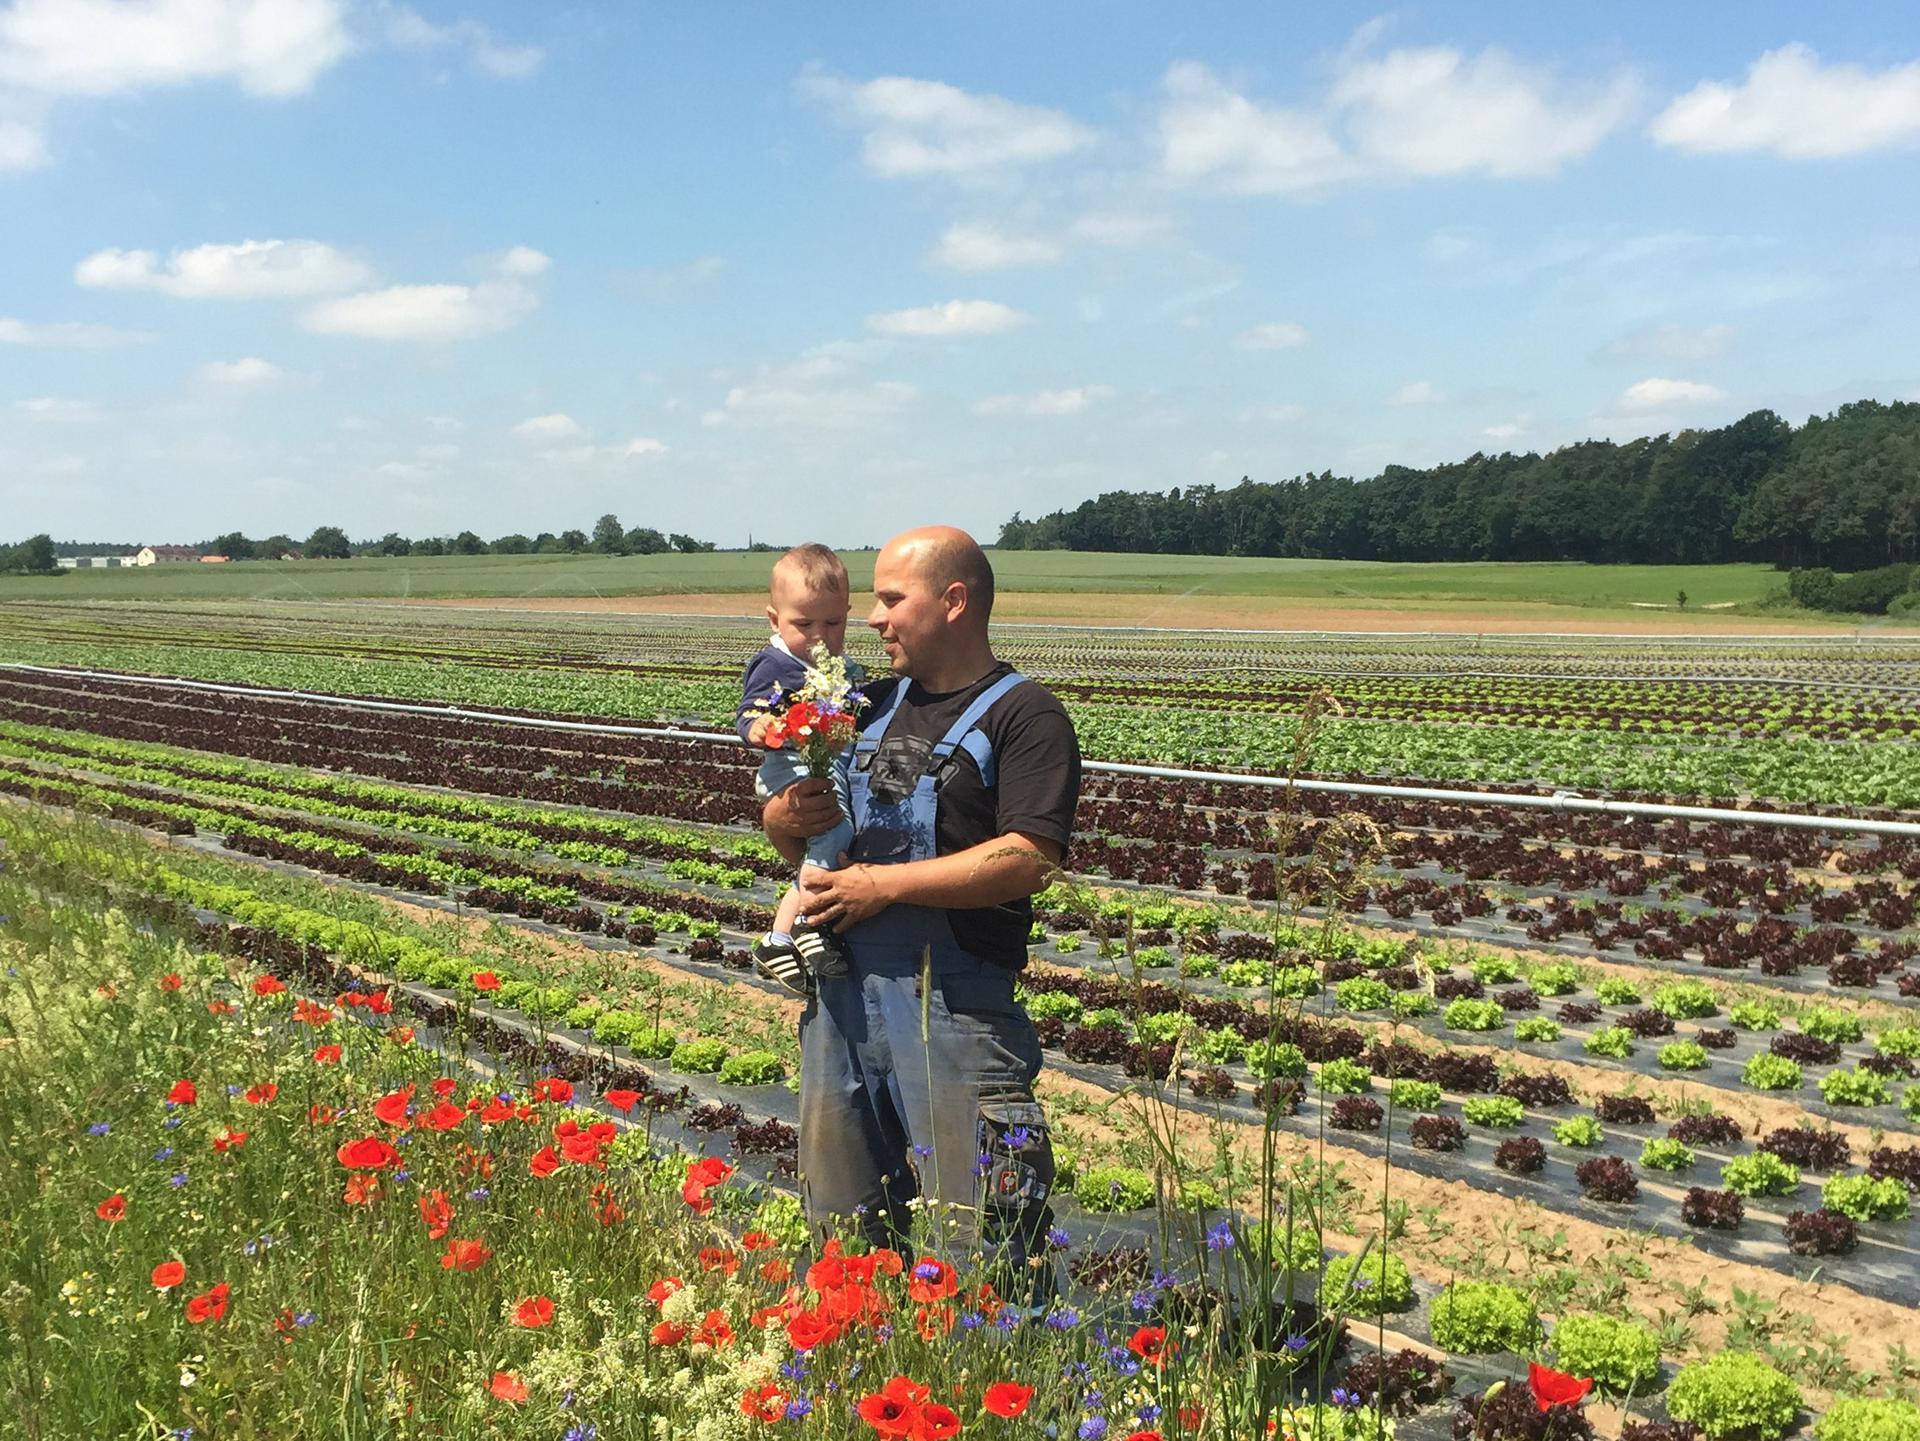 Betriebsleiter und Sohn am Salatfeld